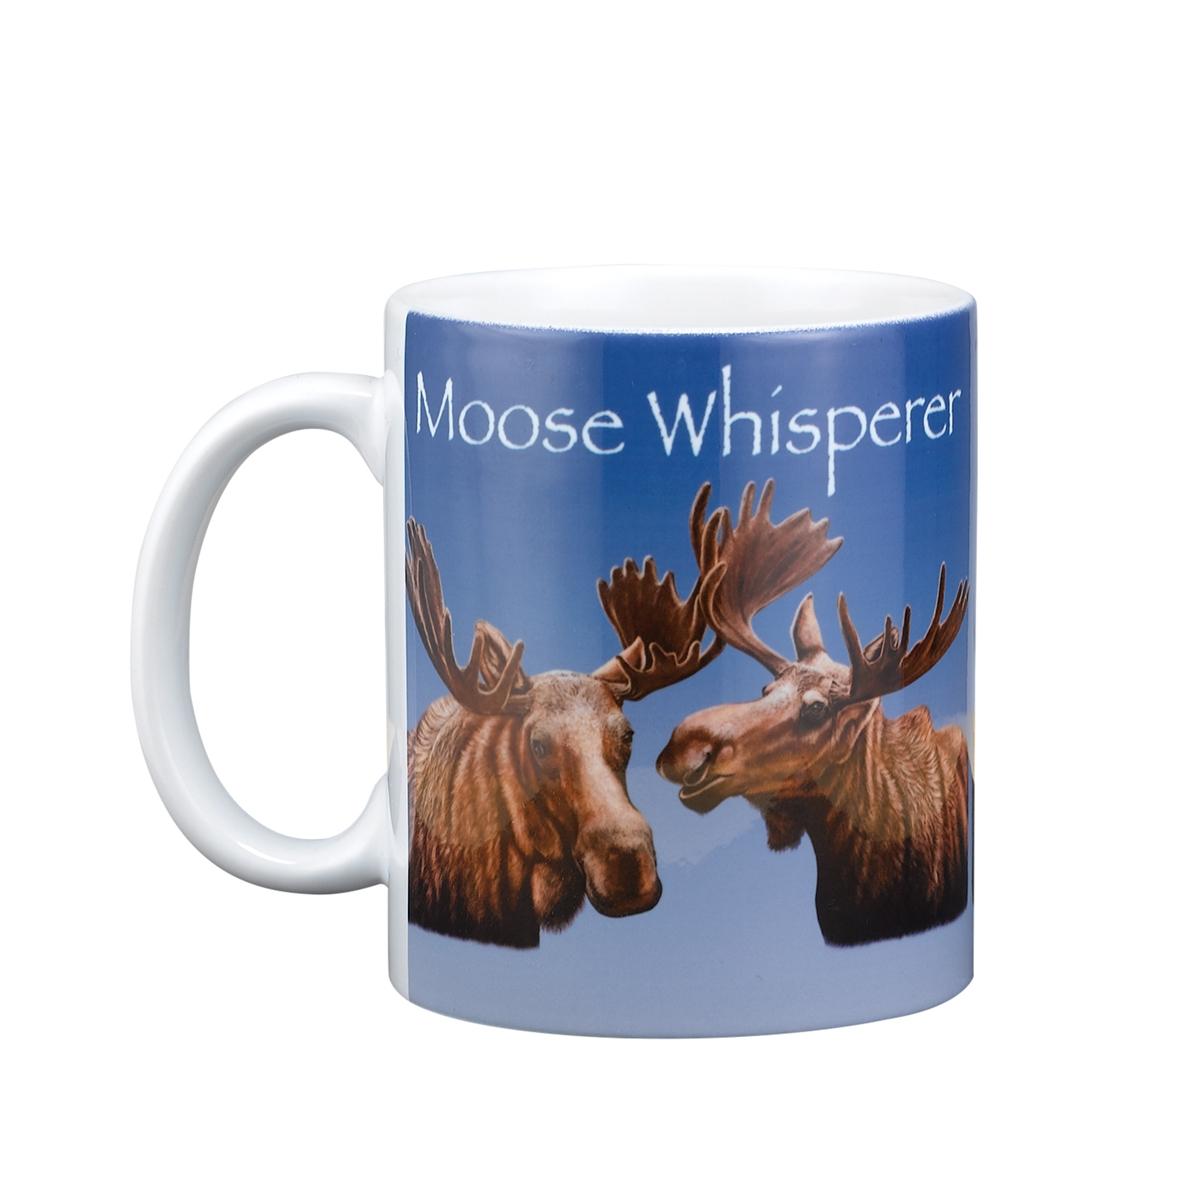 Moose Whisperer Mug